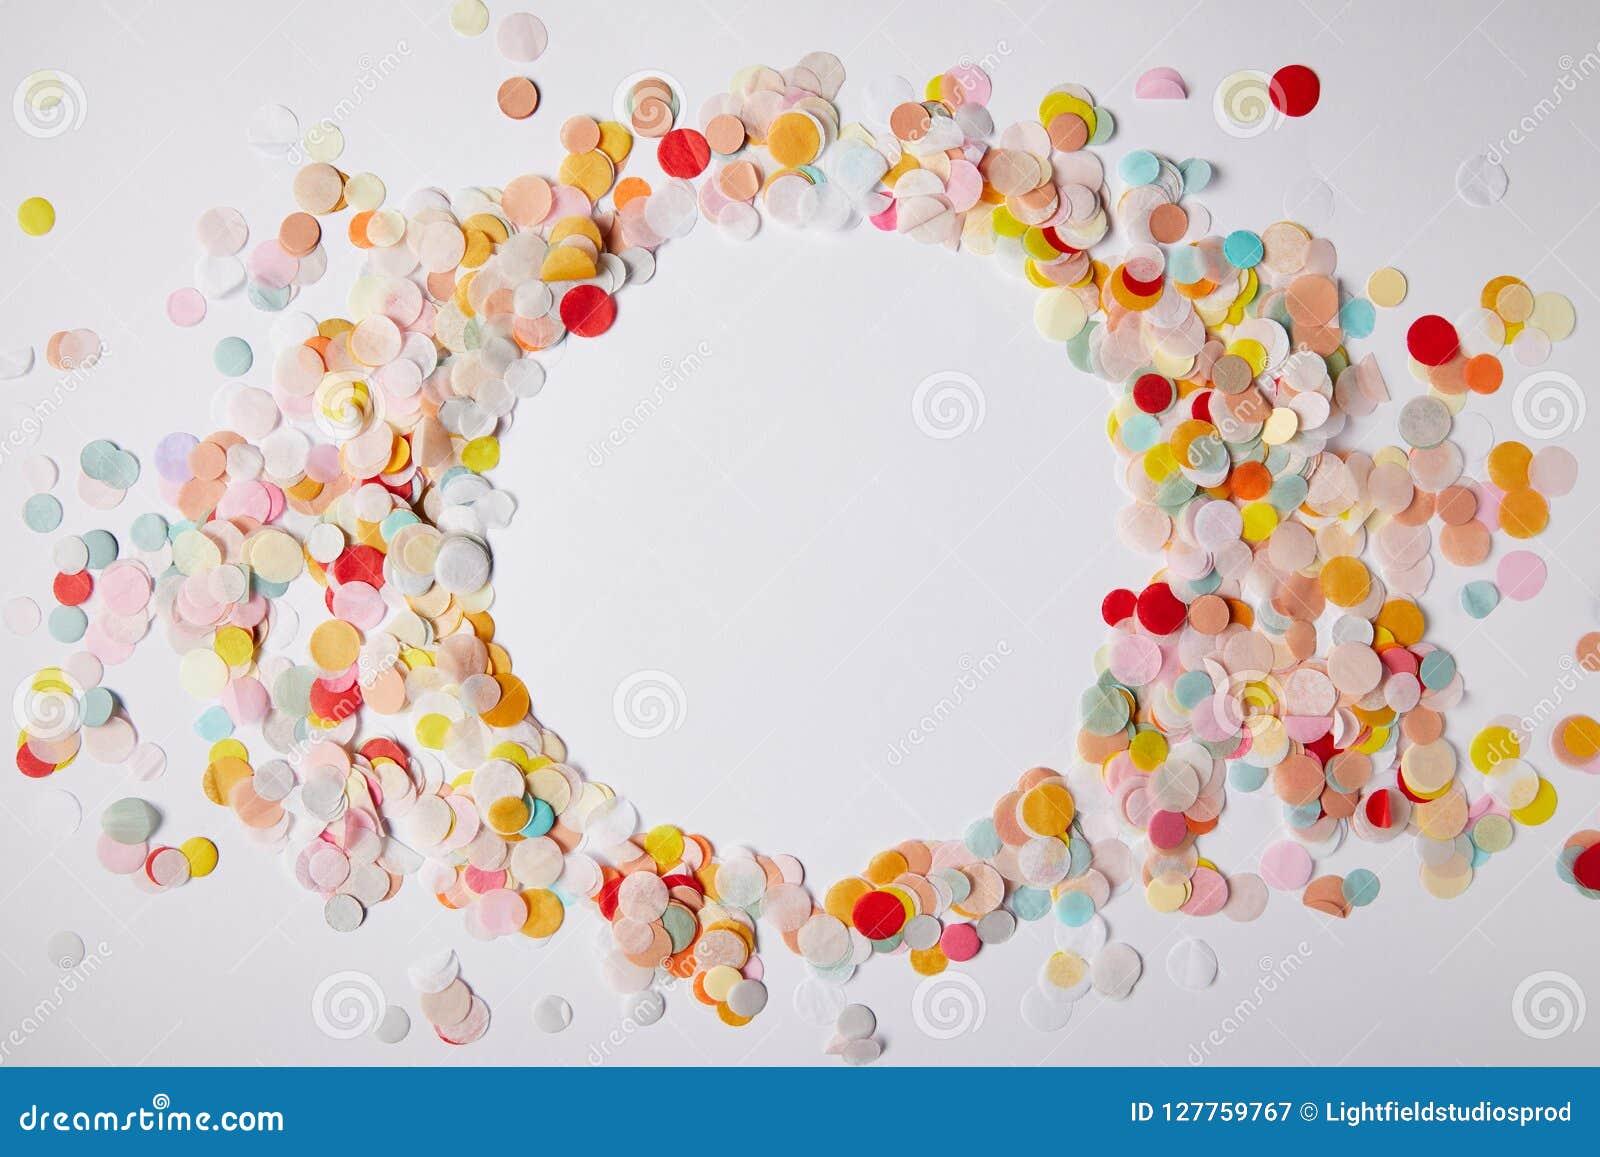 A ideia superior do círculo de confetes coloridos remenda na superfície do branco